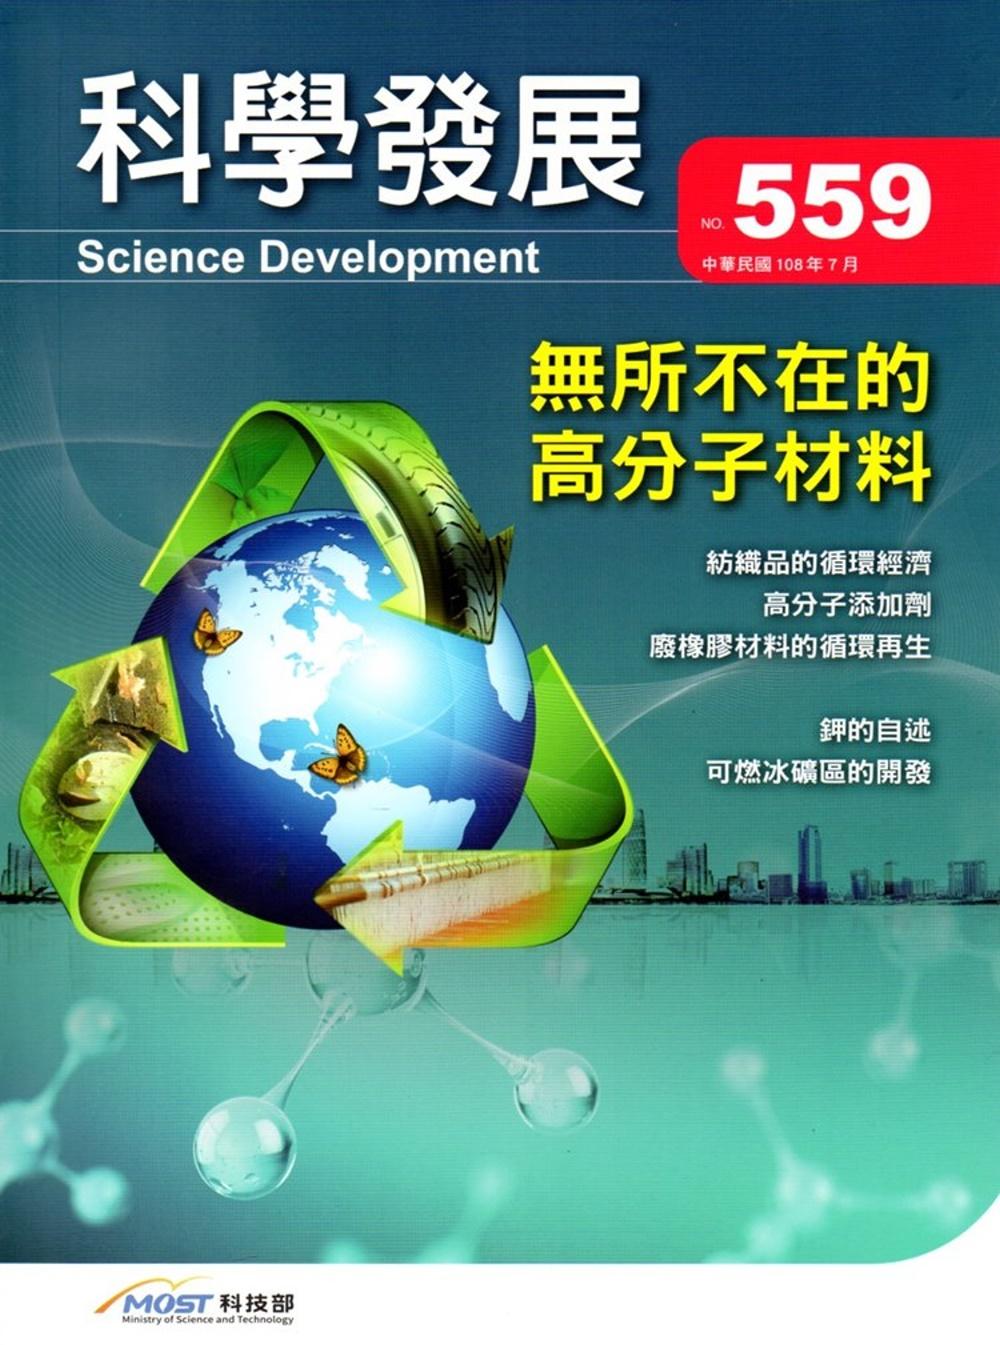 科學發展月刊第559期(108/07)